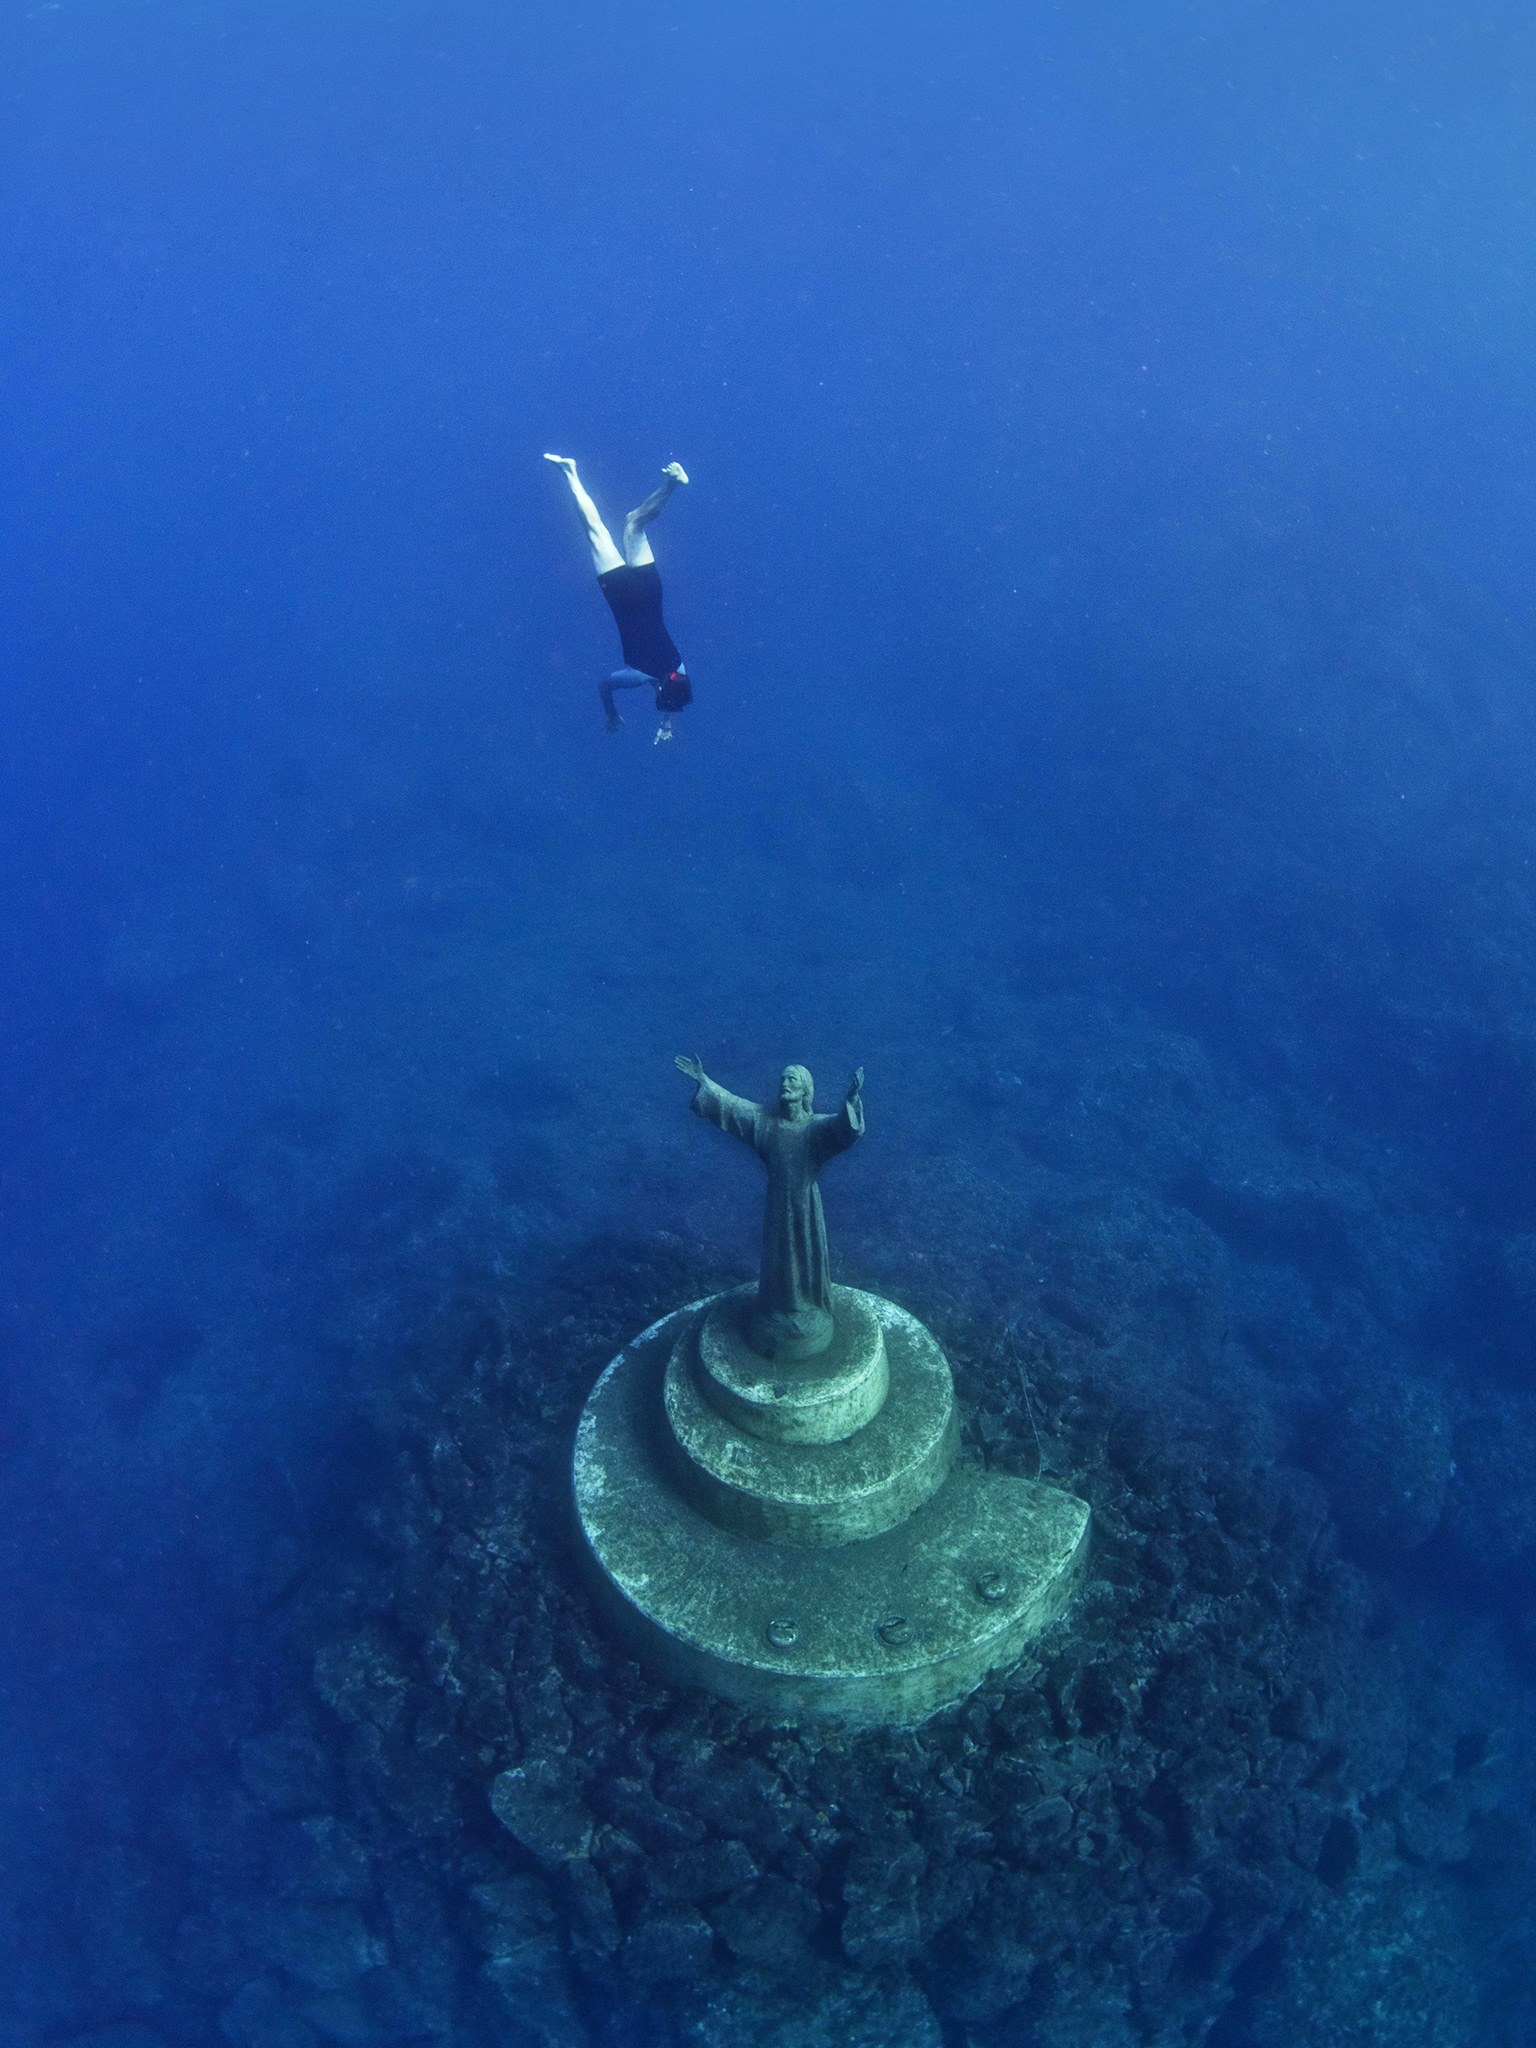 6. Христос из бездны, Сан-Фруттуозо, Италия. Статуя Иисуса Христа высотой около 2,5 метров, находяща